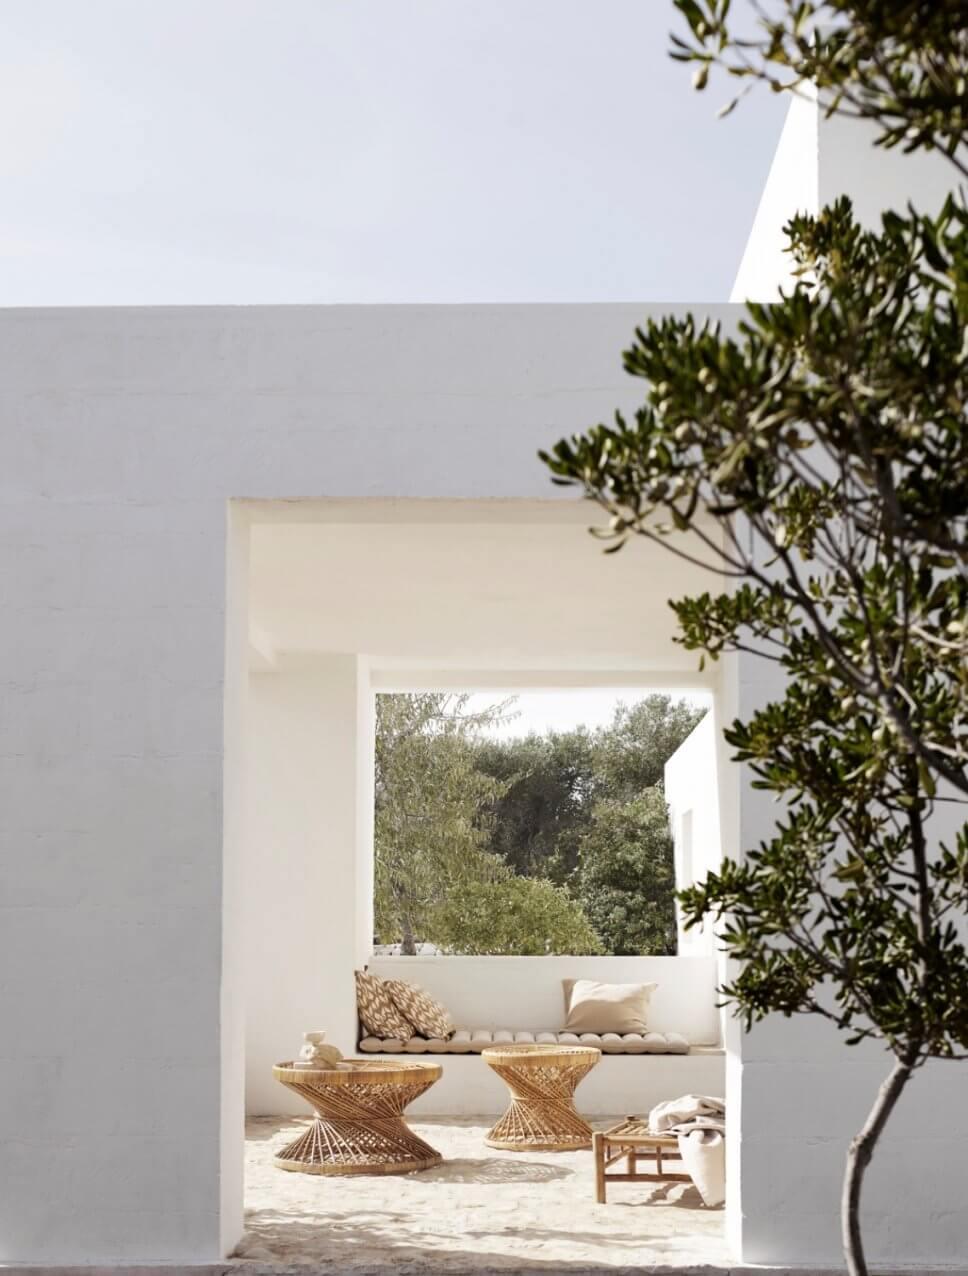 Mediterranes, weißes Haus mit Rattan-Tischen auf der Terrasse